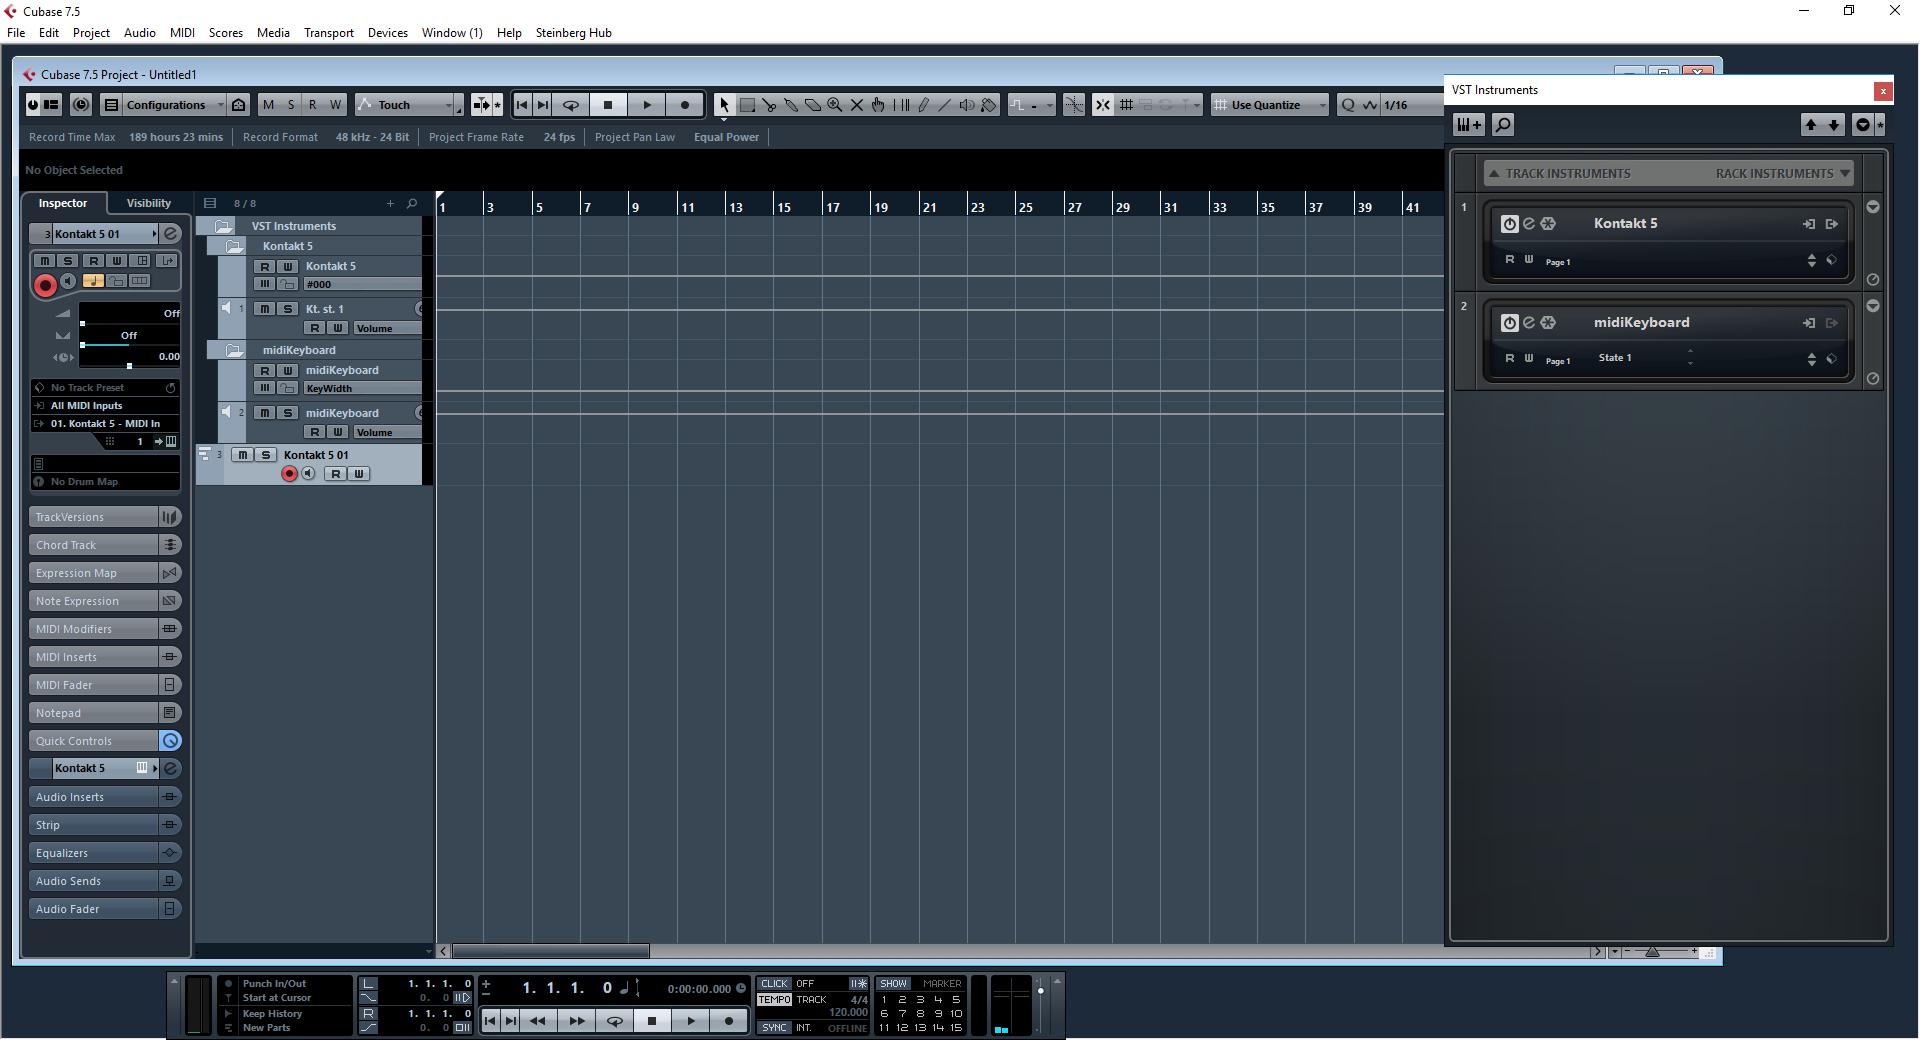 Cubase 7 5 - MIDI send invisible (problem) | VI-CONTROL